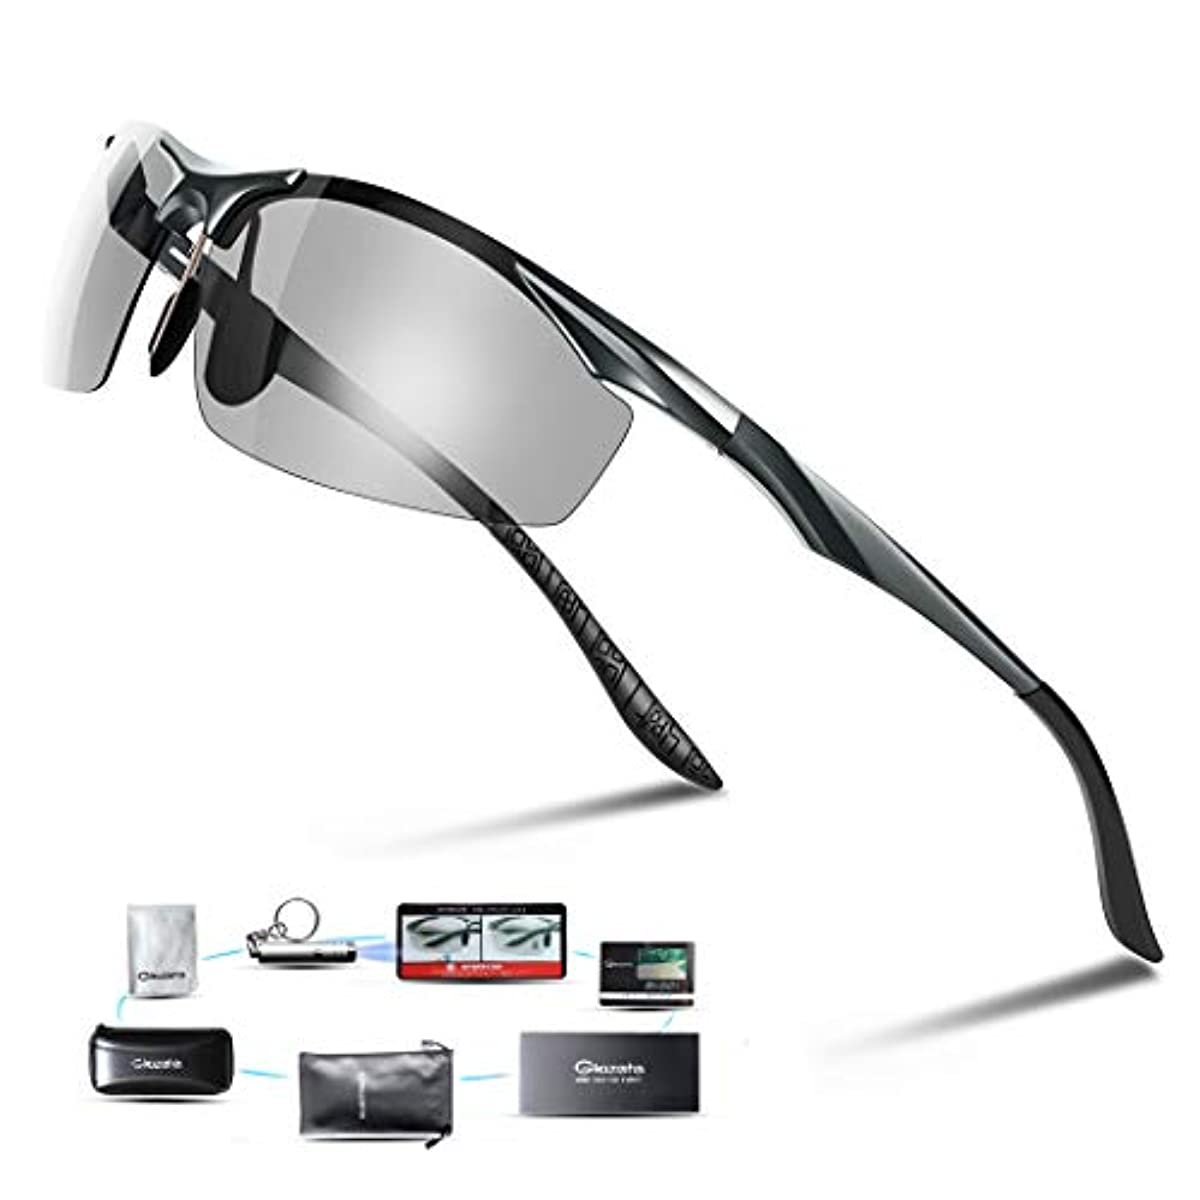 [해외] GLAZATA 편광 썬글라스 UV400 자외선 컷 초경량 메탈 프레임 스포츠 썬글라스 드라이기이브/야구/자전거/낚시/런닝/골프/운전 남녀 겸용